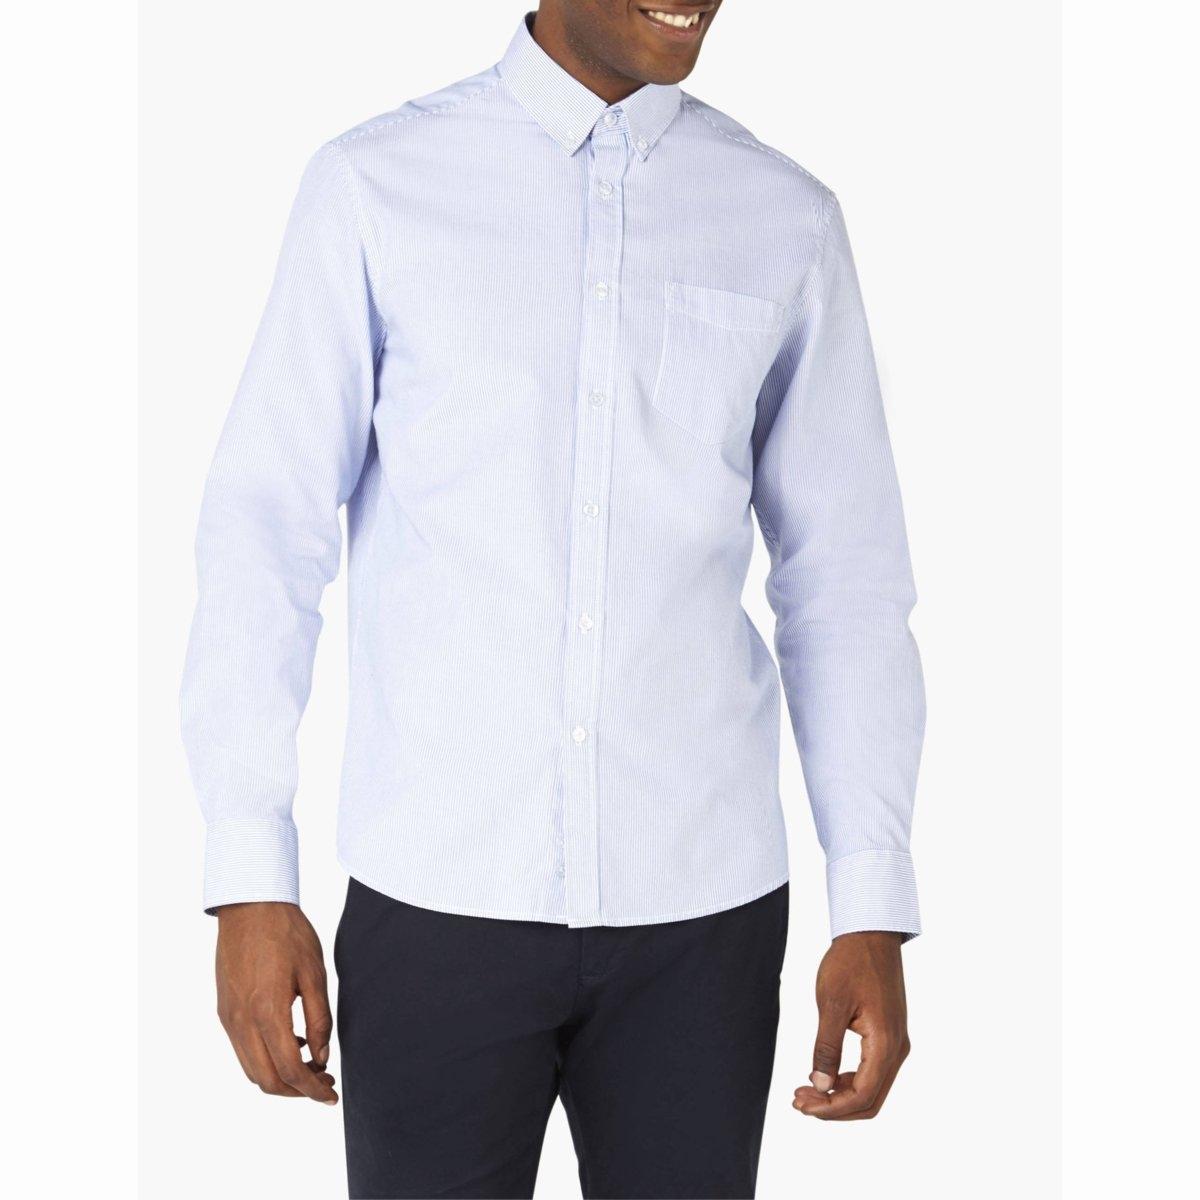 Рубашка CALINE, 100% хлопкаРубашка CALINE - CELIO. Длинные рукава. Уголки воротника на пуговицах. Низ рукавов с пуговицами. 1 накладной нагрудный карман. Закругленный низ.Рубашка, 100% хлопка.<br><br>Цвет: синий